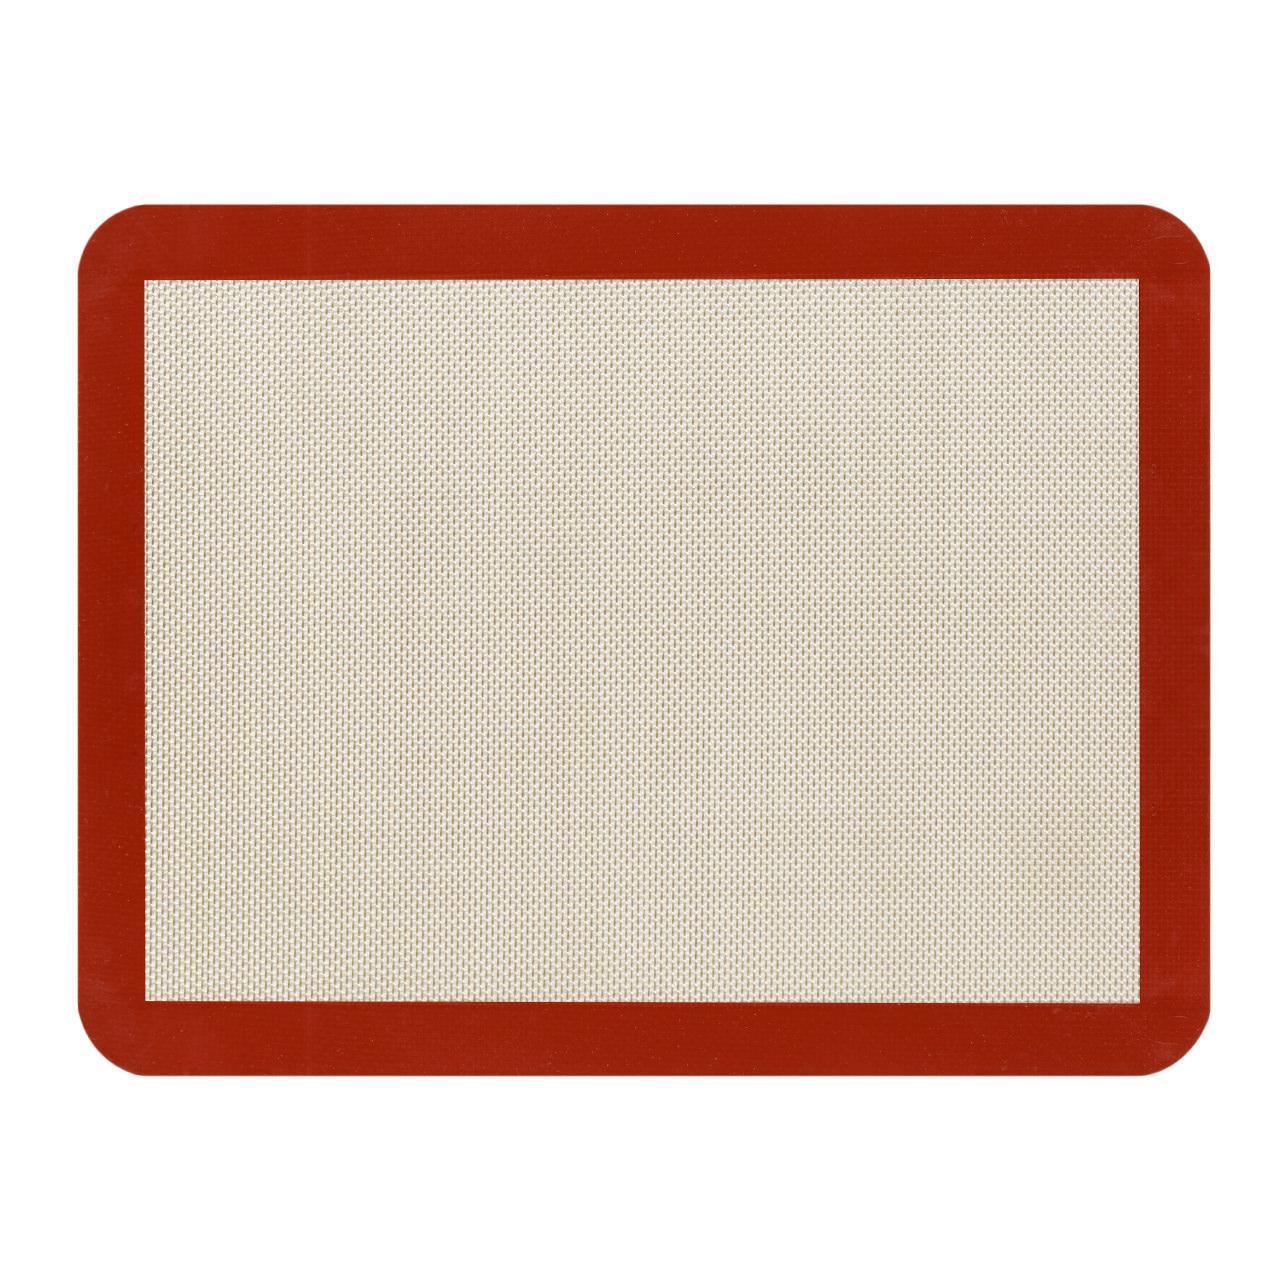 Силиконовый коврик 33х38 см для выпечки